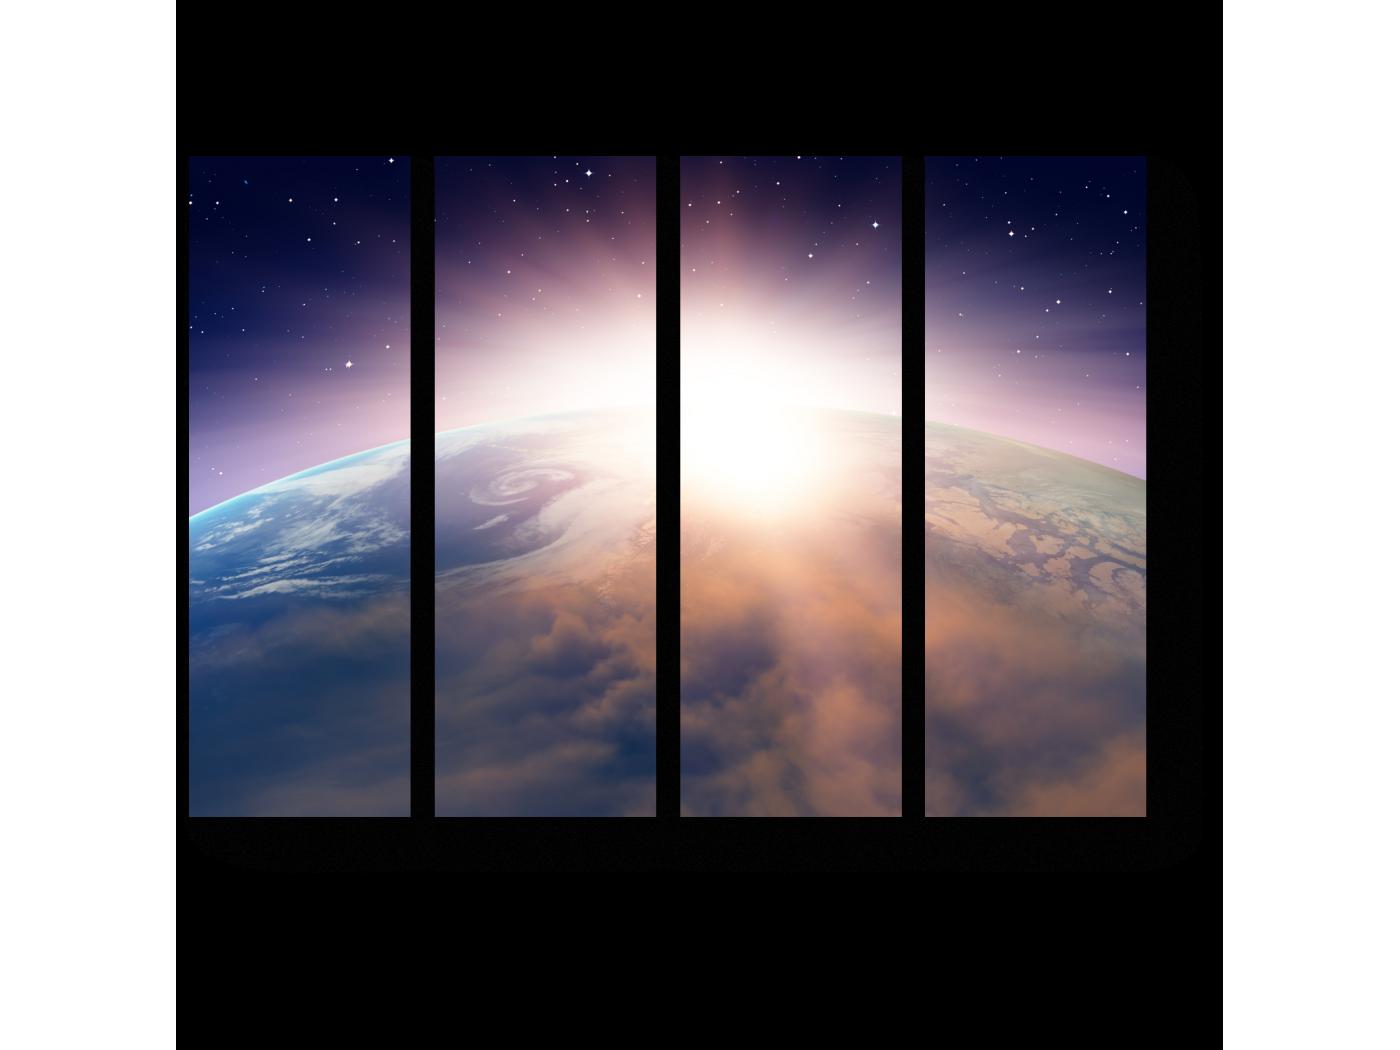 Модульная картина Захватывающий закат над Землей (60x45) фото